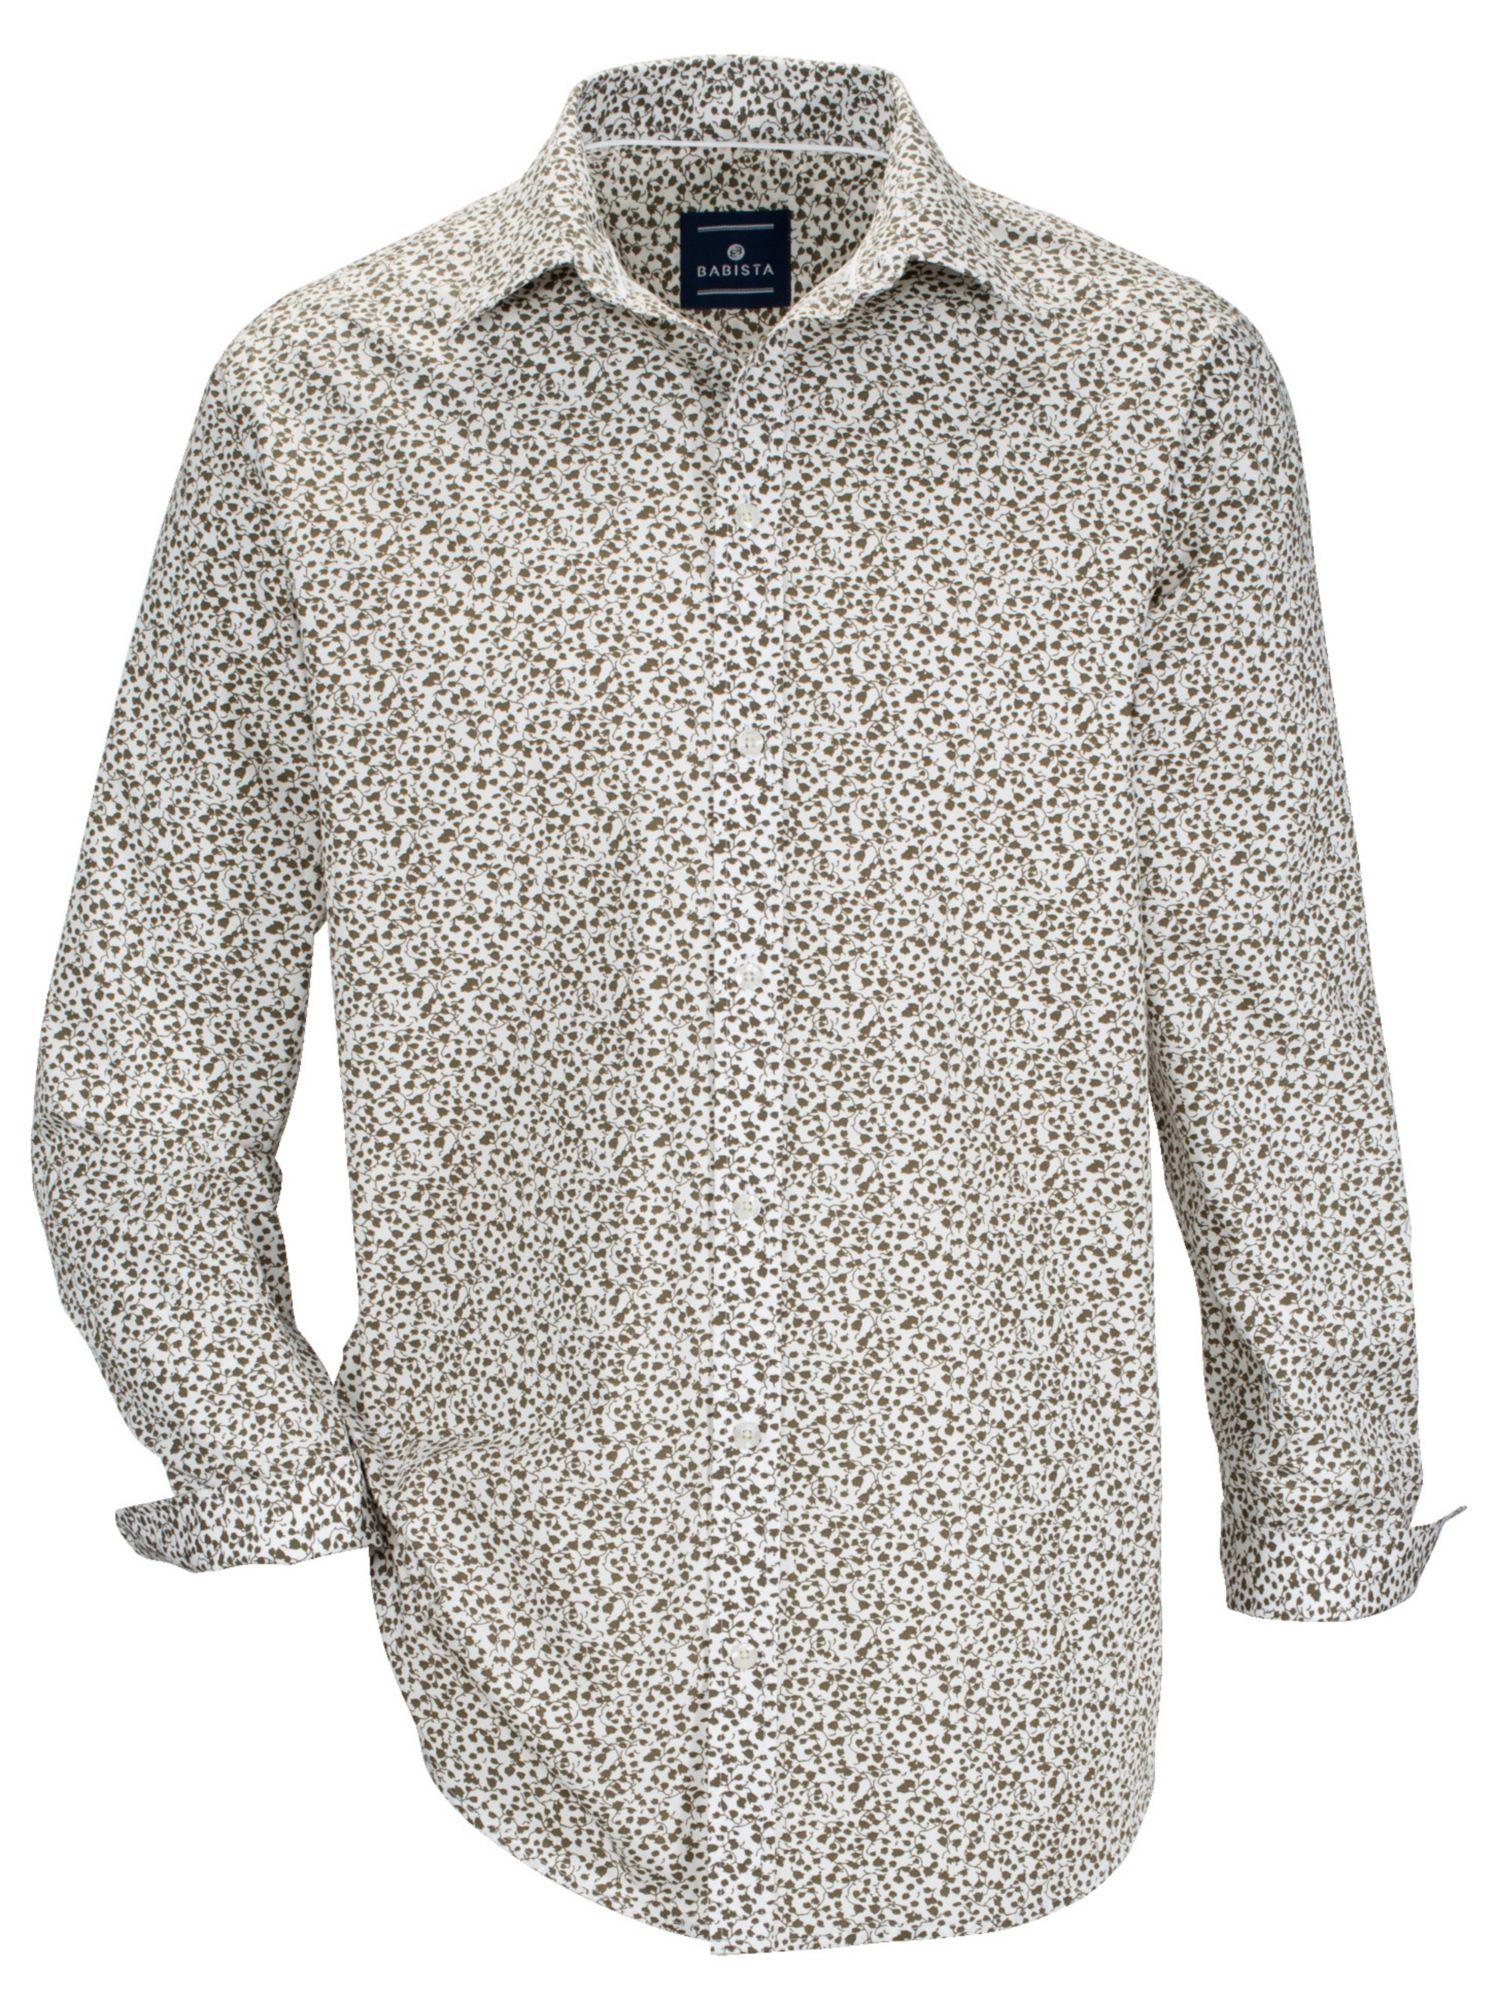 BABISTA Babista Hemd mit floralem Druckmuster